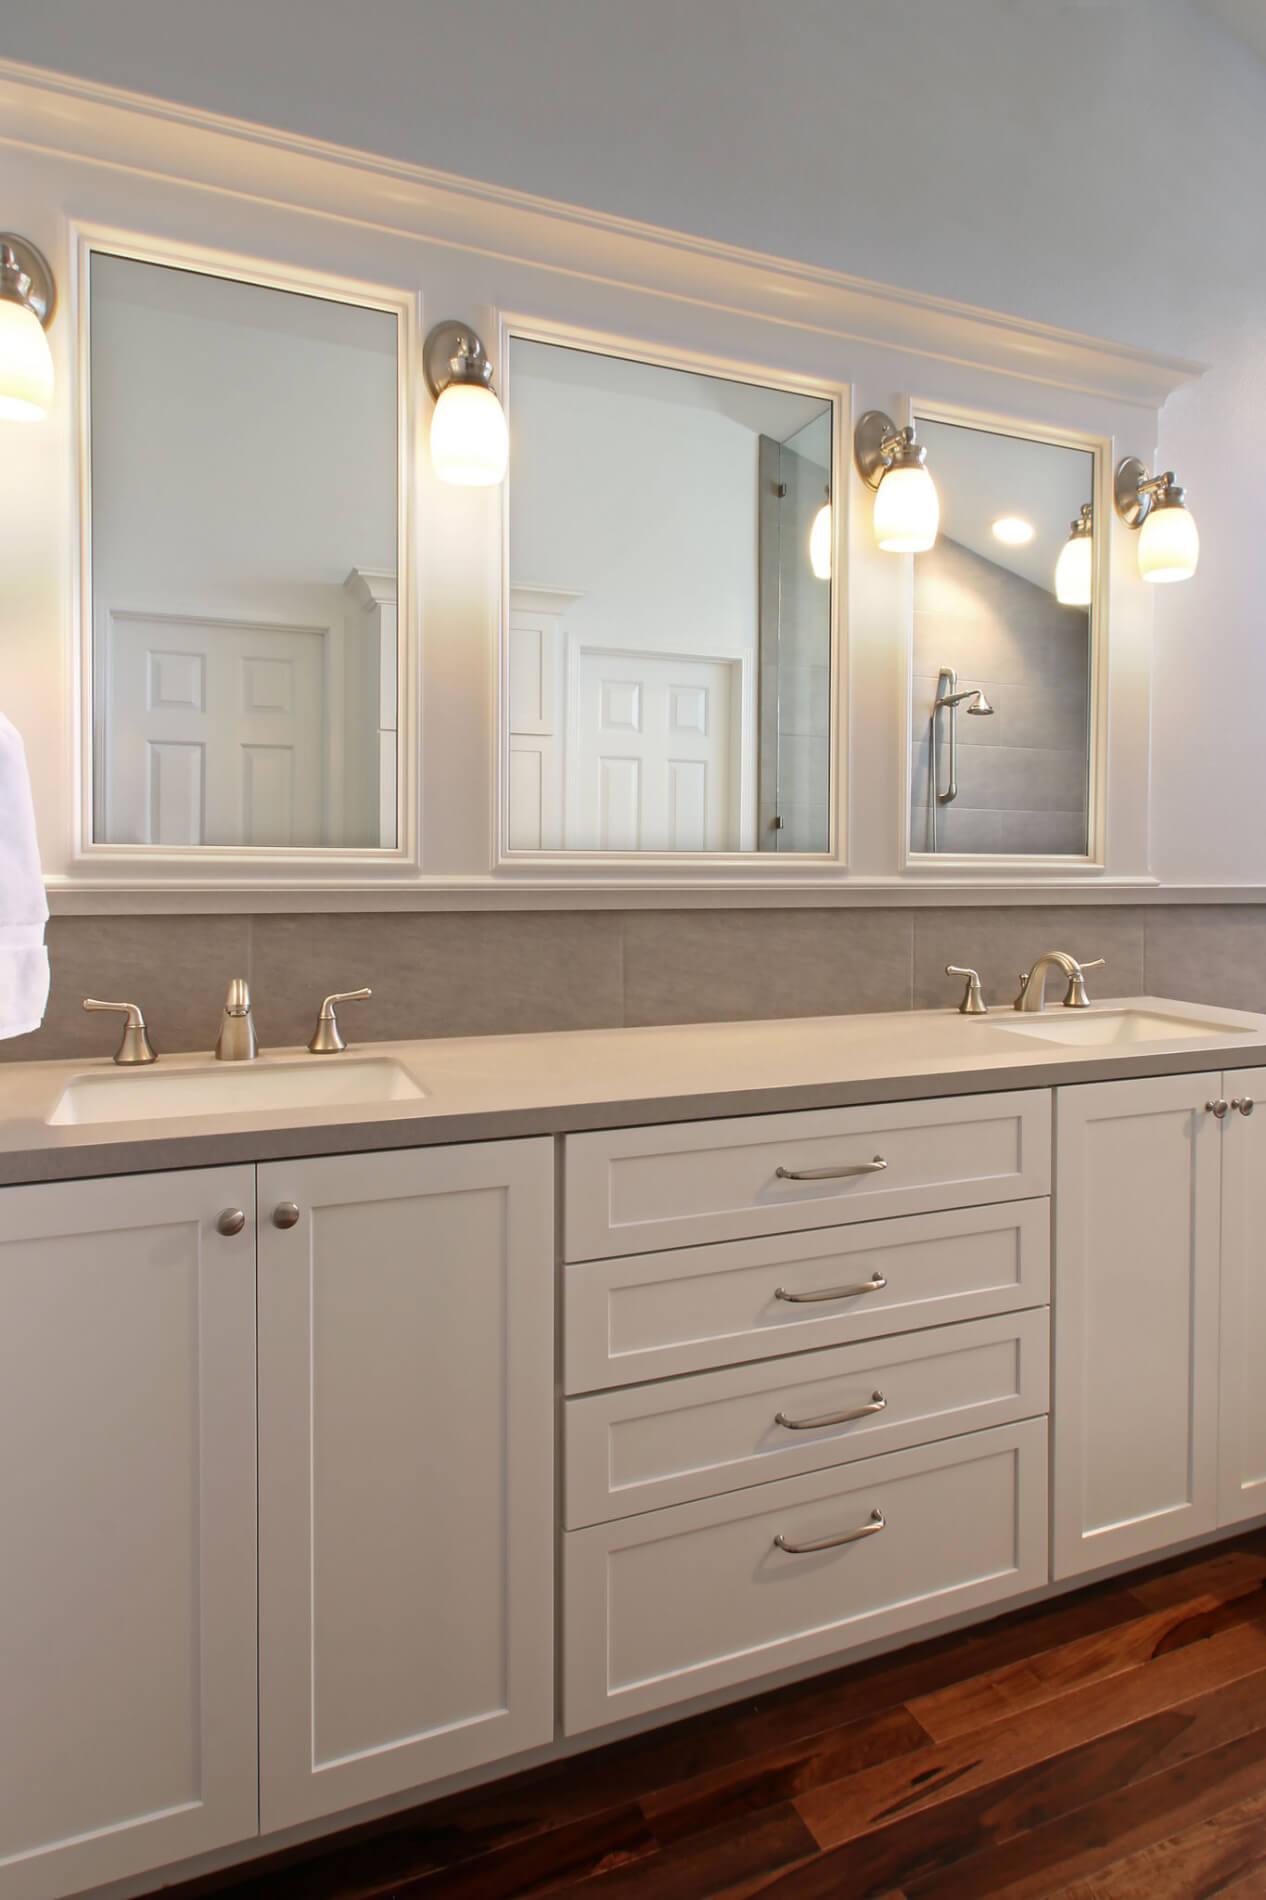 Master Bathroom Vanity, Large Bathroom Vanity, His & Hers Vanity